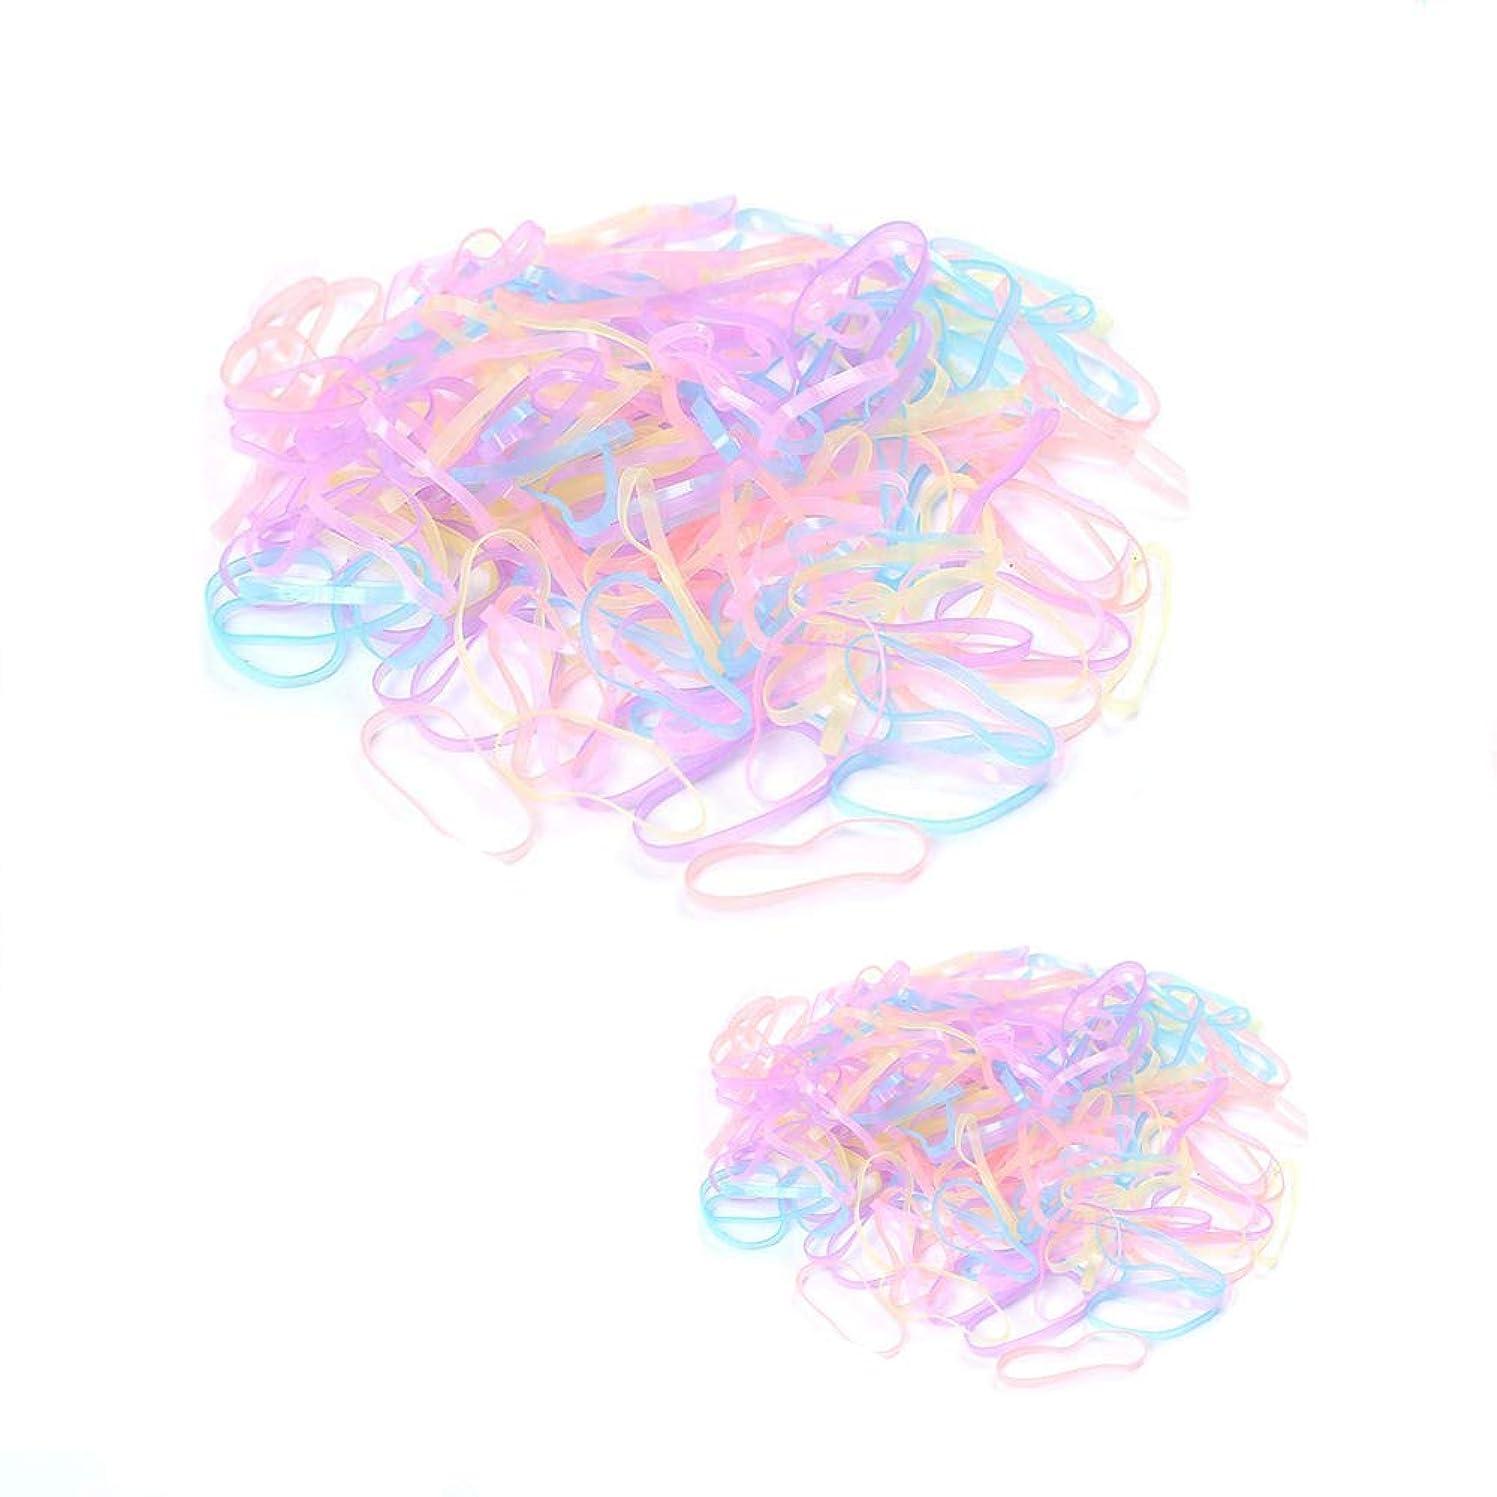 ドキドキお祝い隙間1st market プレミアム女の子と子供の髪ボブルバンドミニポニーテール使い捨て弾性伸縮性のあるヘアバンド、4000ピースパック